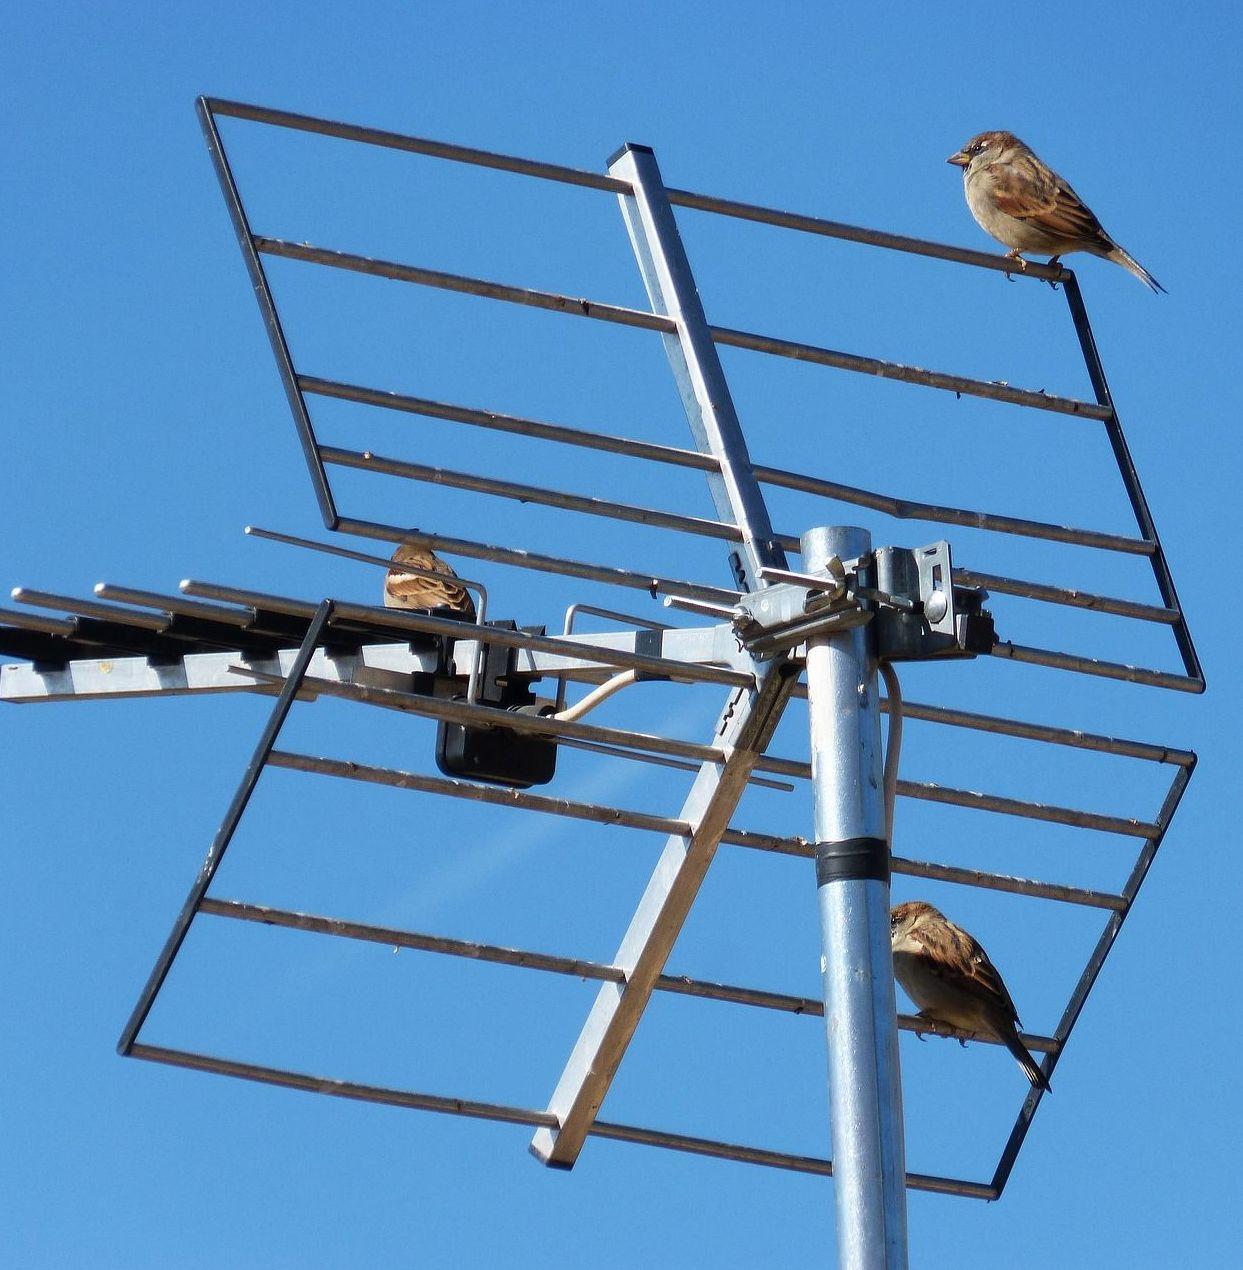 Adaptación de la instalación de antena existente